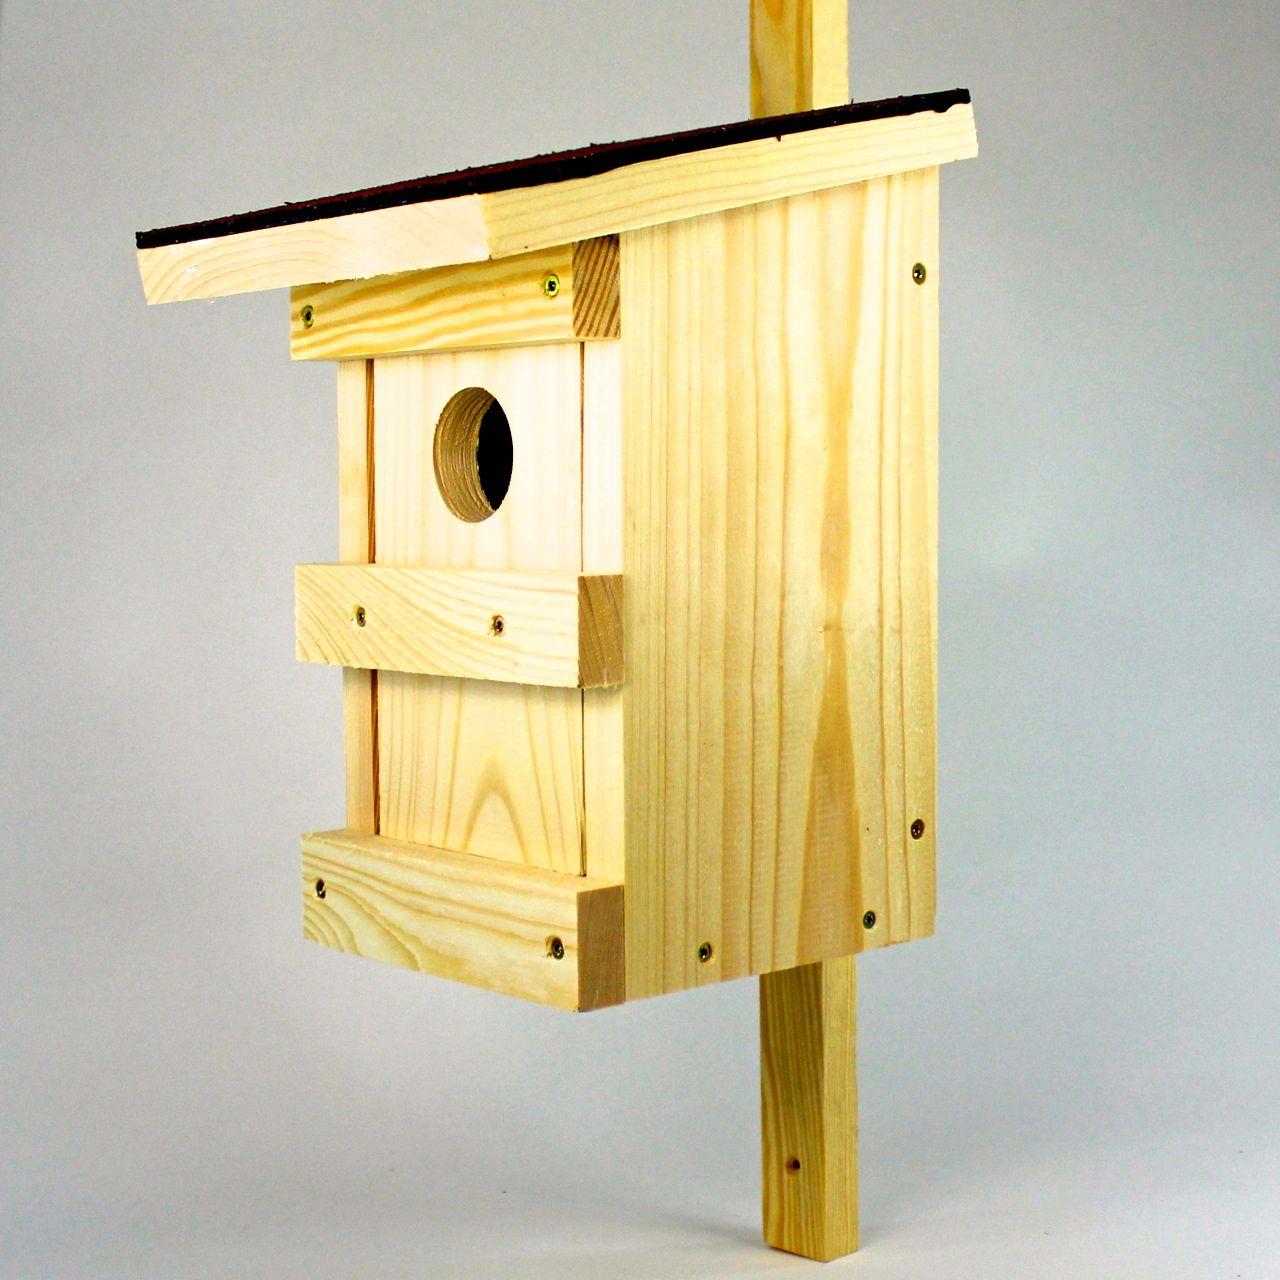 starenh hle 45 mm einflugloch starenkasten vogel und naturschutzprodukte einfach online kaufen. Black Bedroom Furniture Sets. Home Design Ideas